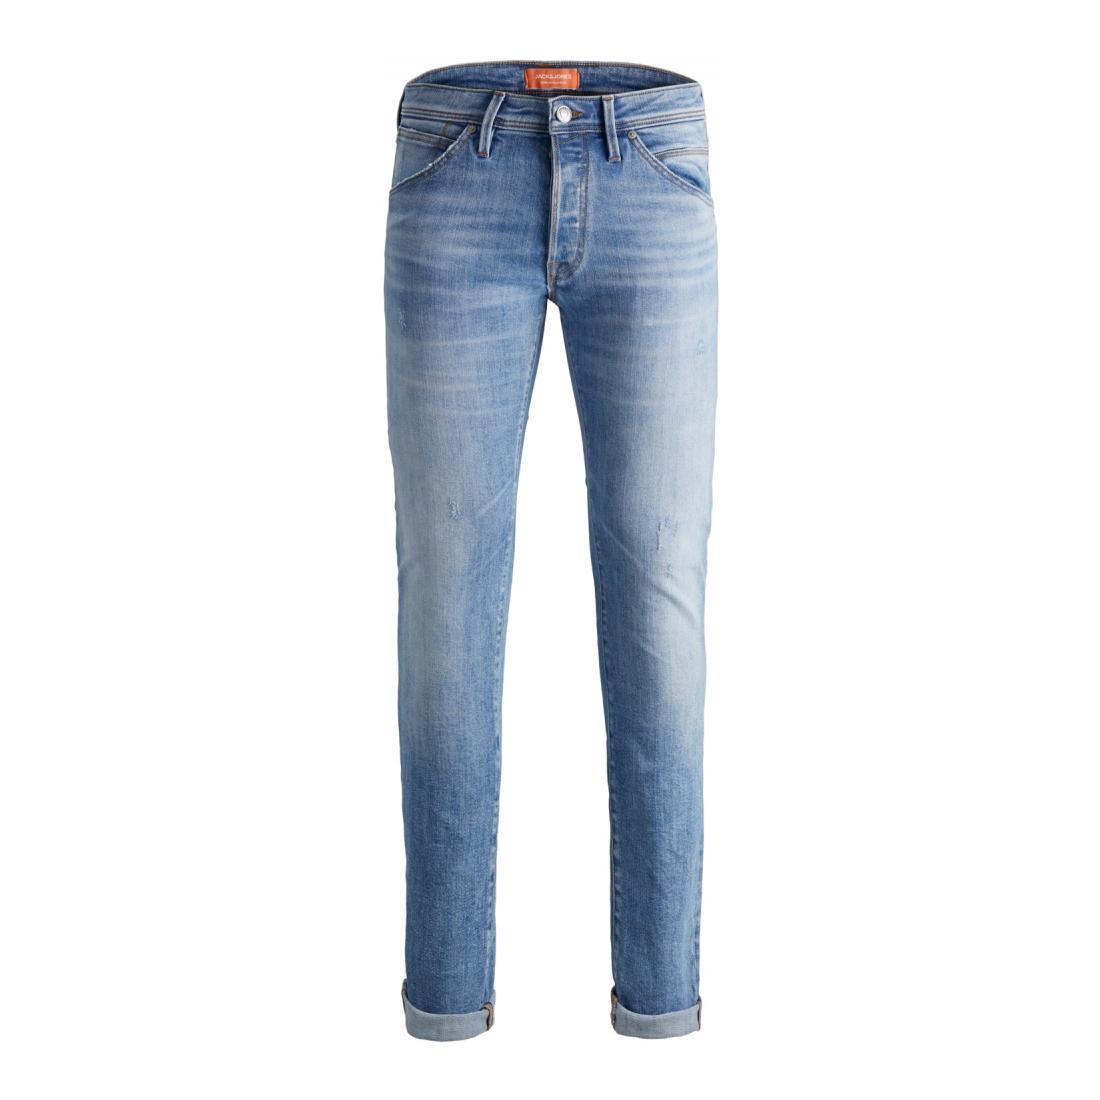 Jack & Jones Jeans Herren JJIGLENN JJFOX AM 967 50S